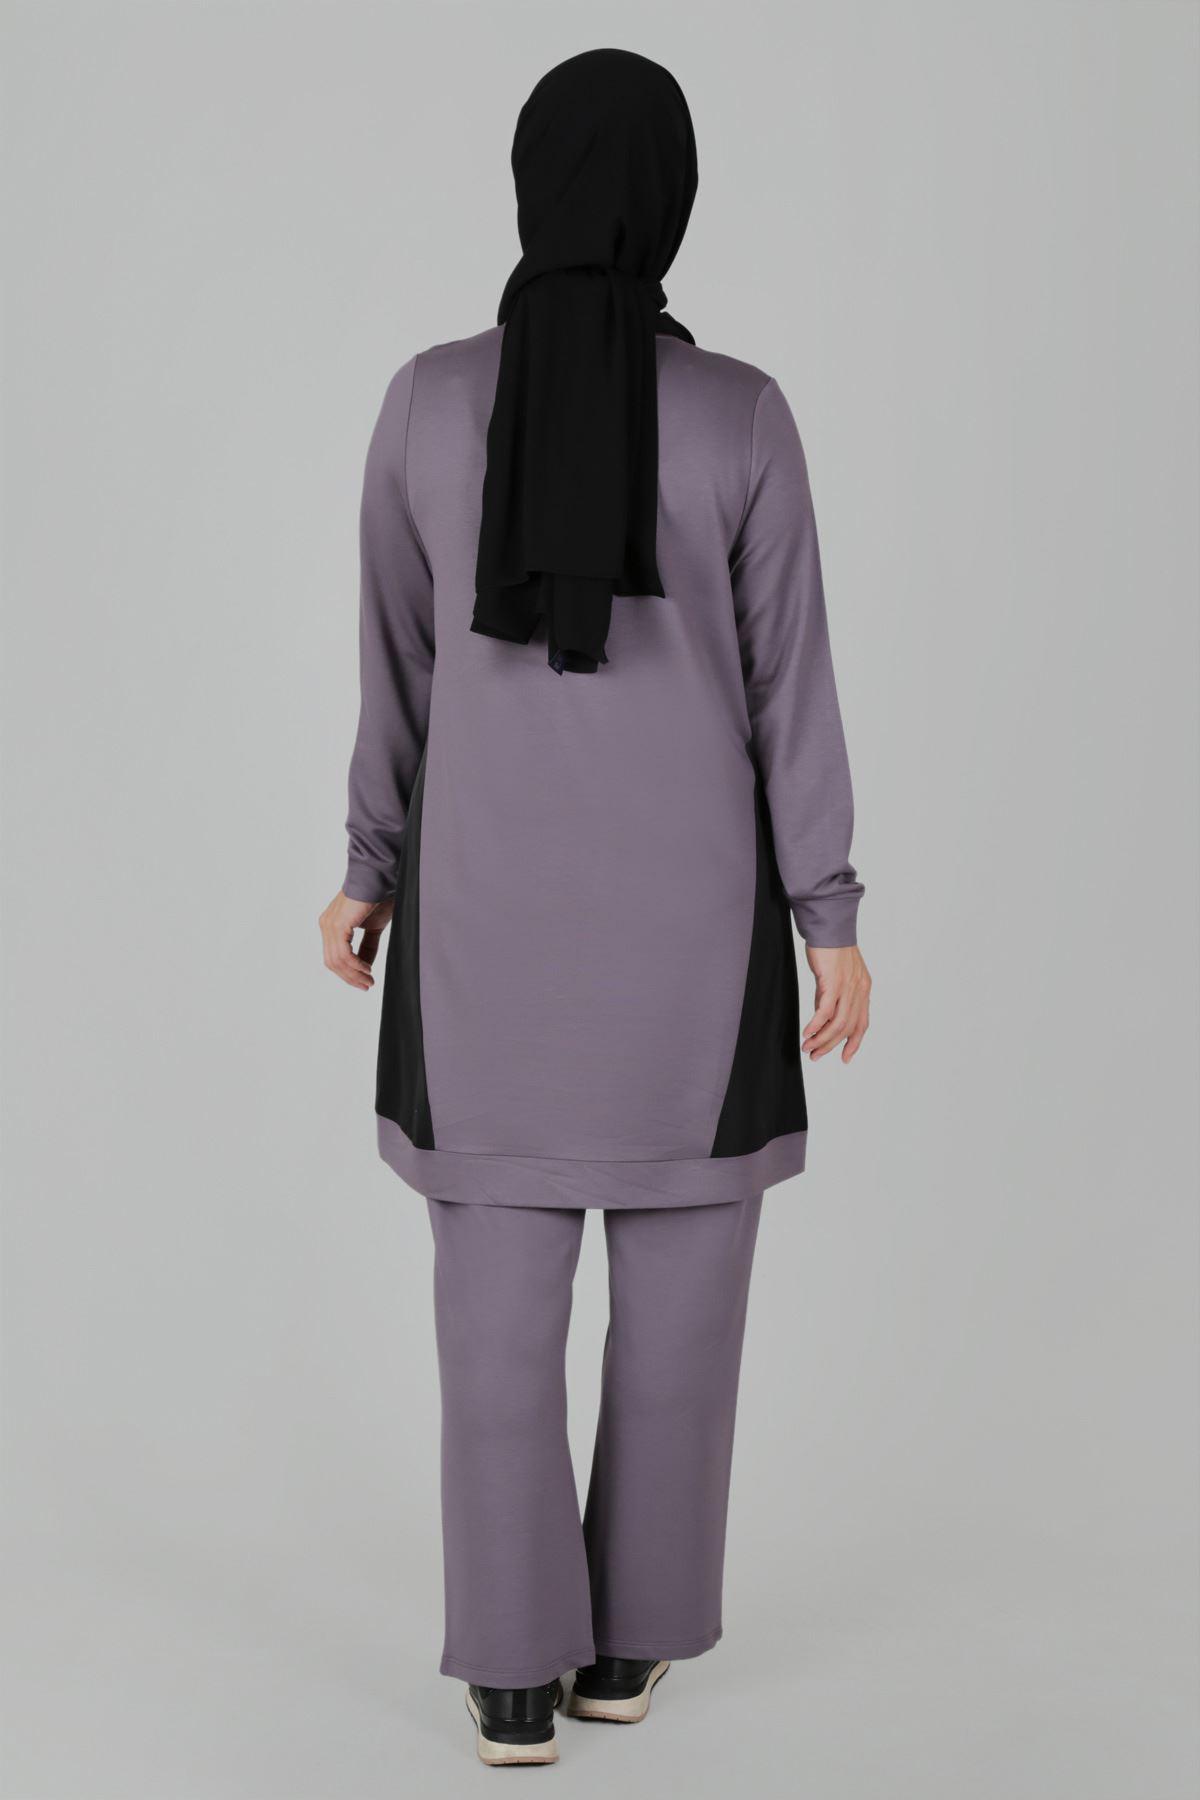 Büyük Beden Tesettür Pantolonlu Takım 35047 Gri